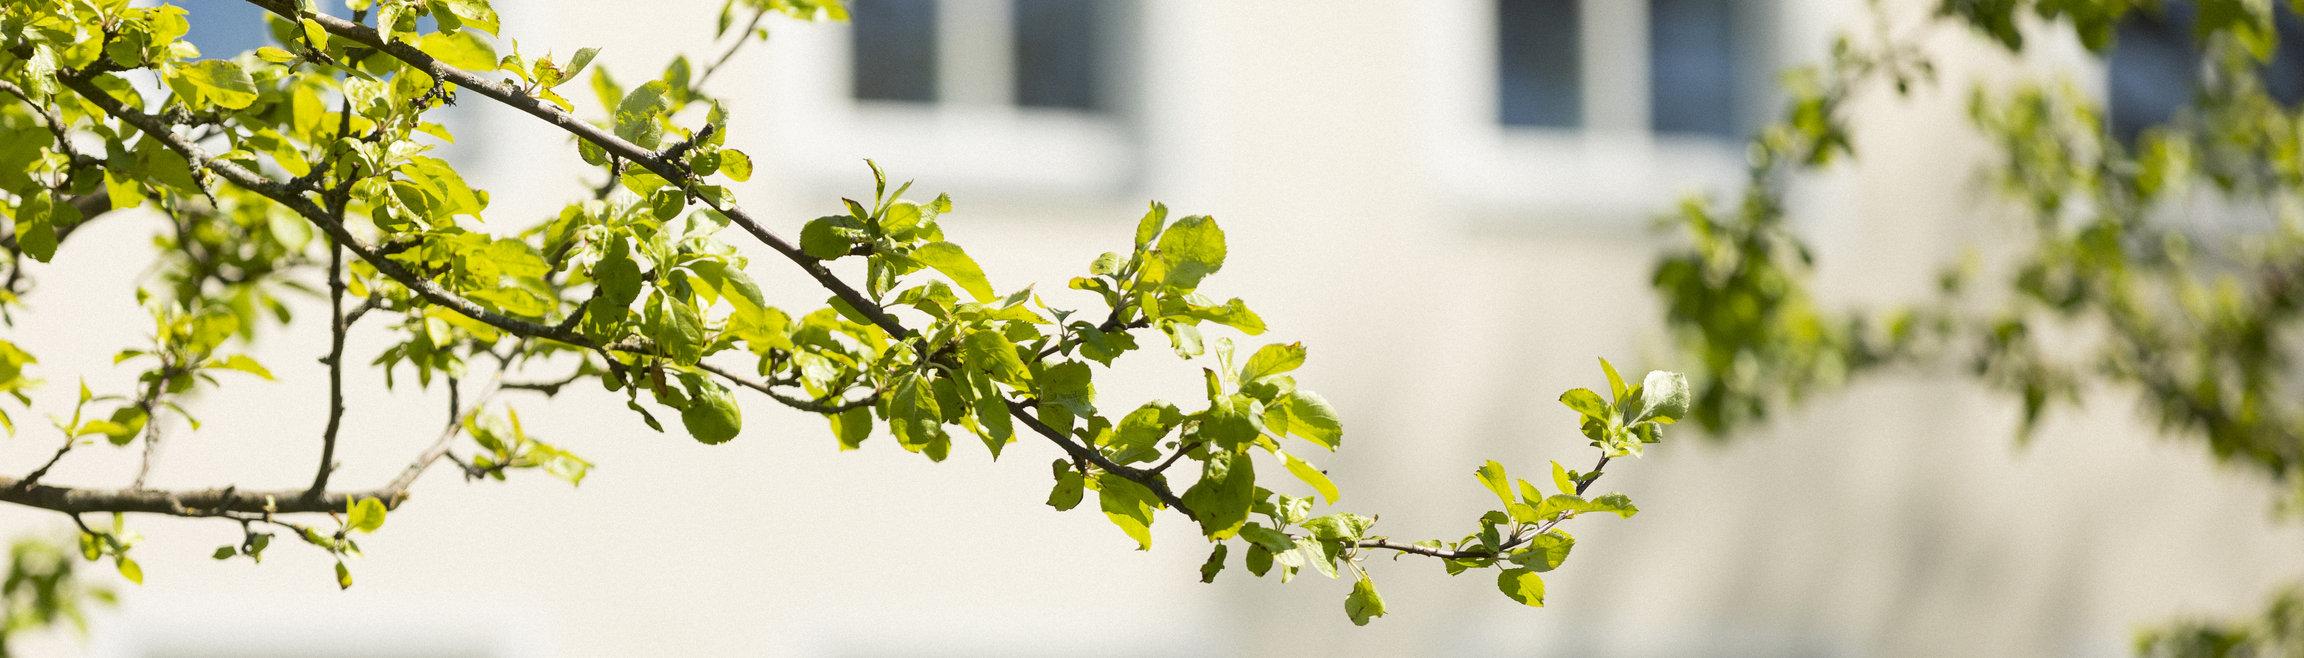 Gren med gröna vårlöv.